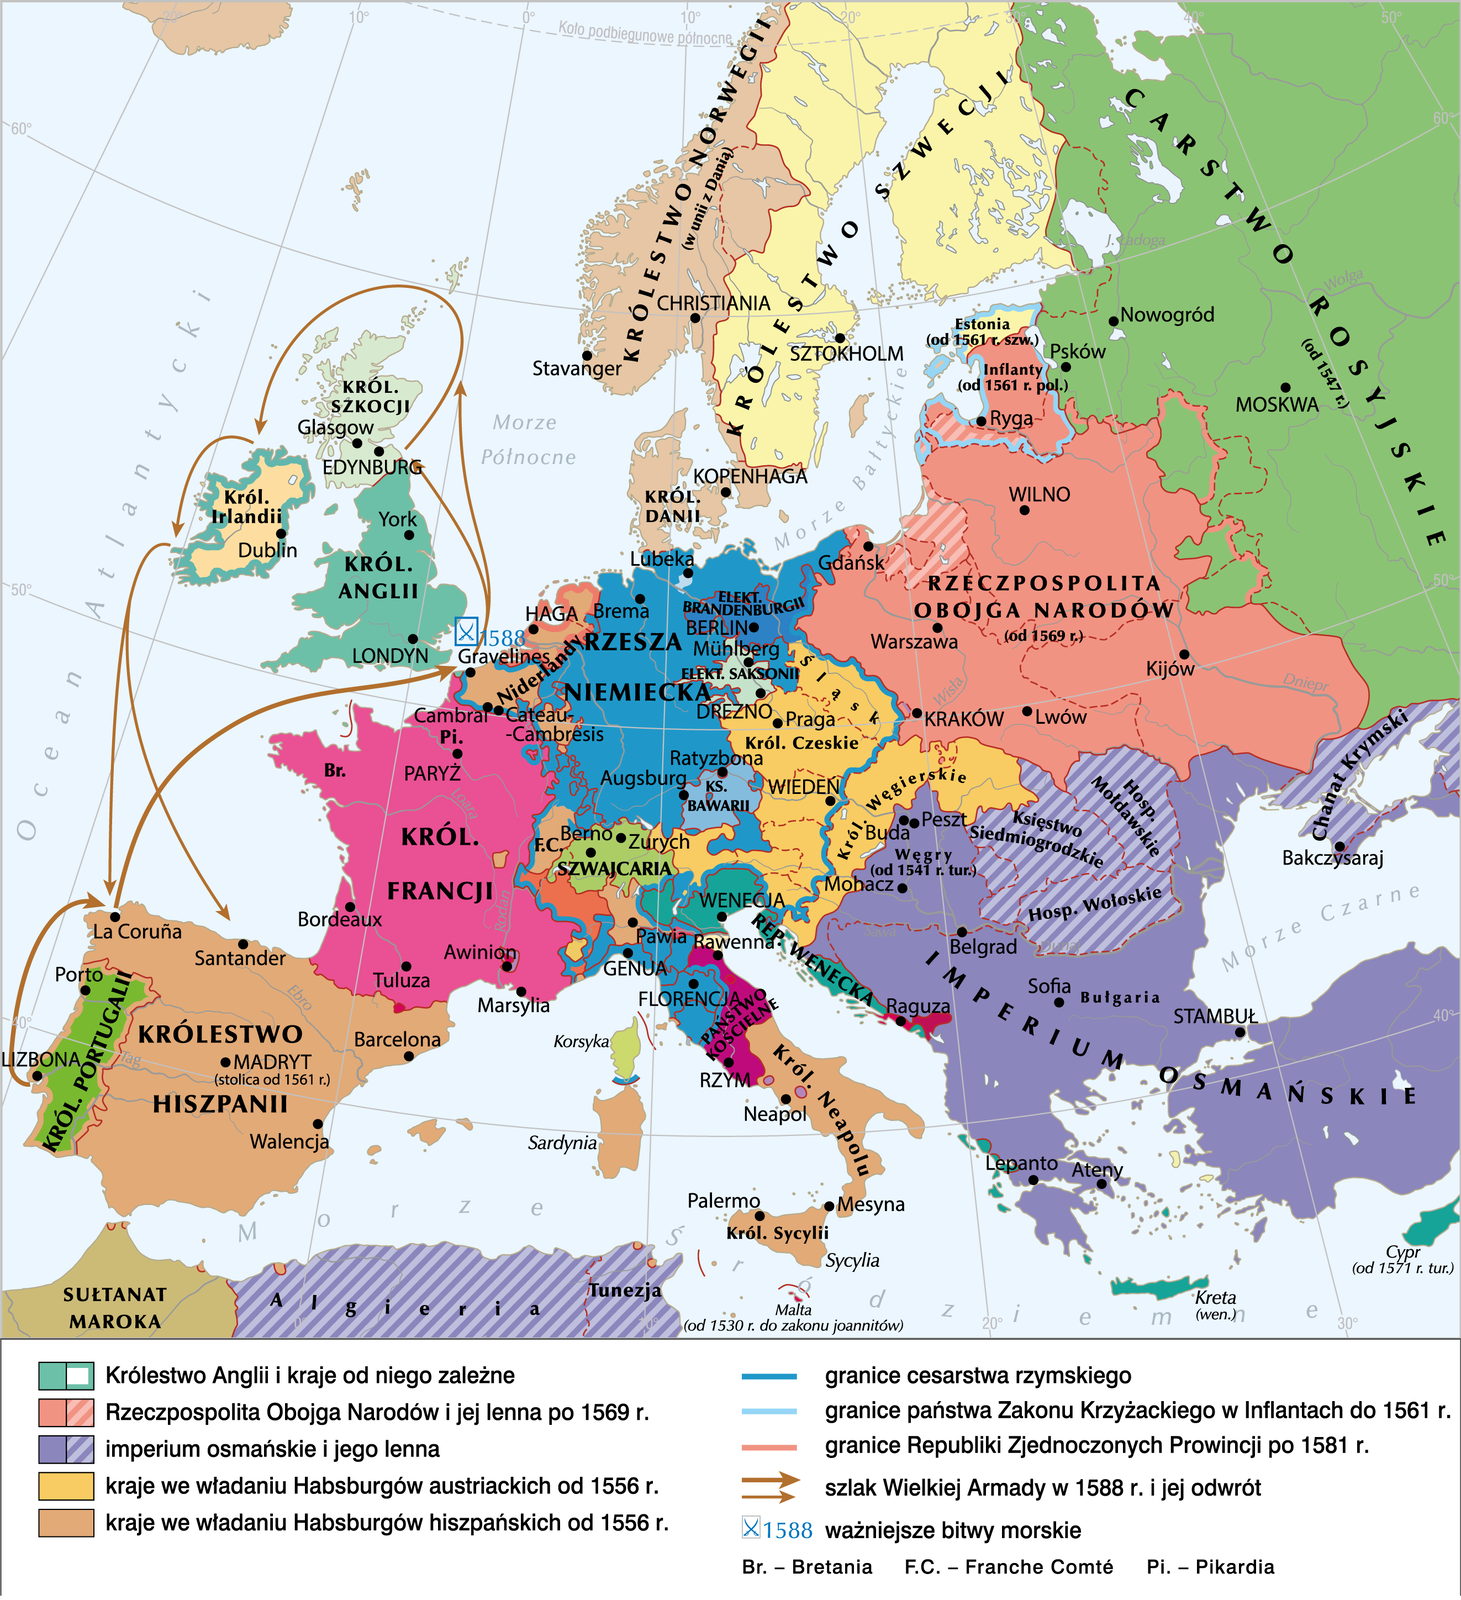 Droga wielkiej armady w1588 r. Droga wielkiej armady w1588 r. Źródło: Krystian Chariza izespół, licencja: CC BY-SA 3.0.